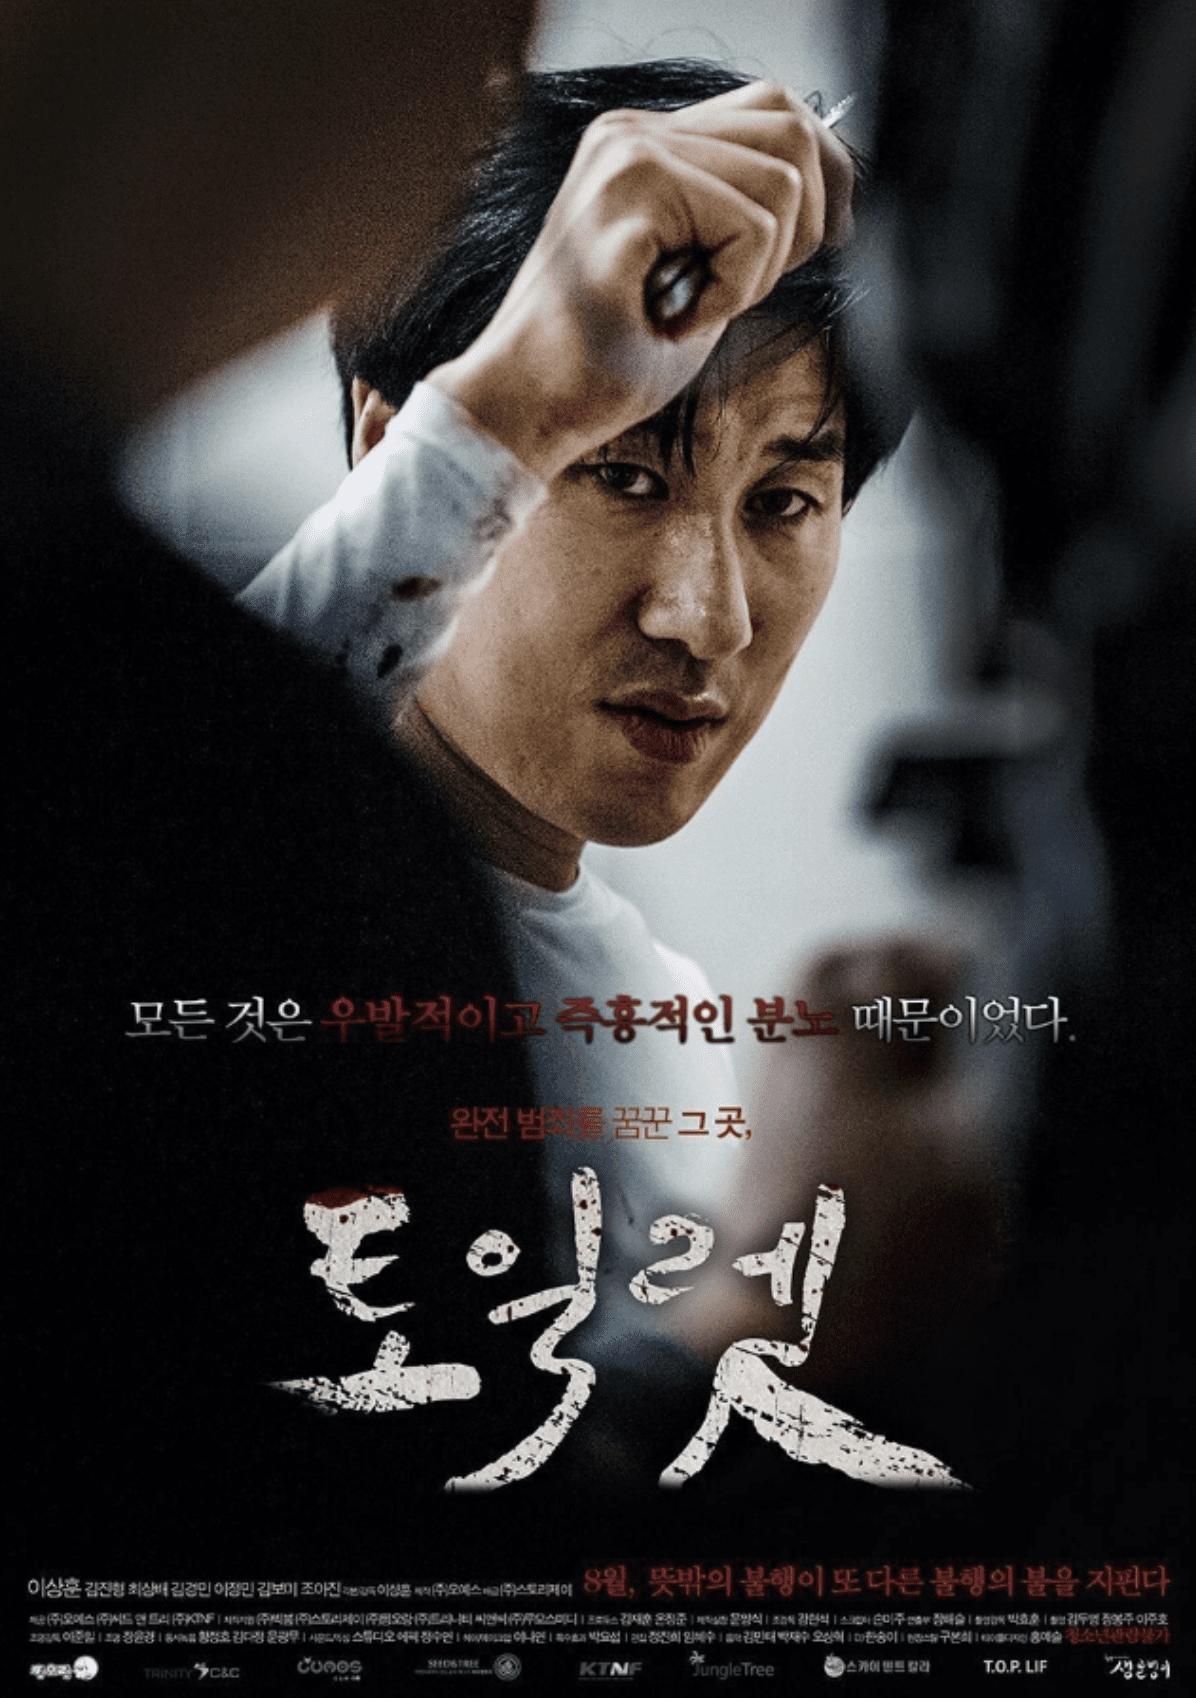 """Próxima película """"Toilet"""" bajo controversia por su similitud a un caso de homicidio de la vida real"""